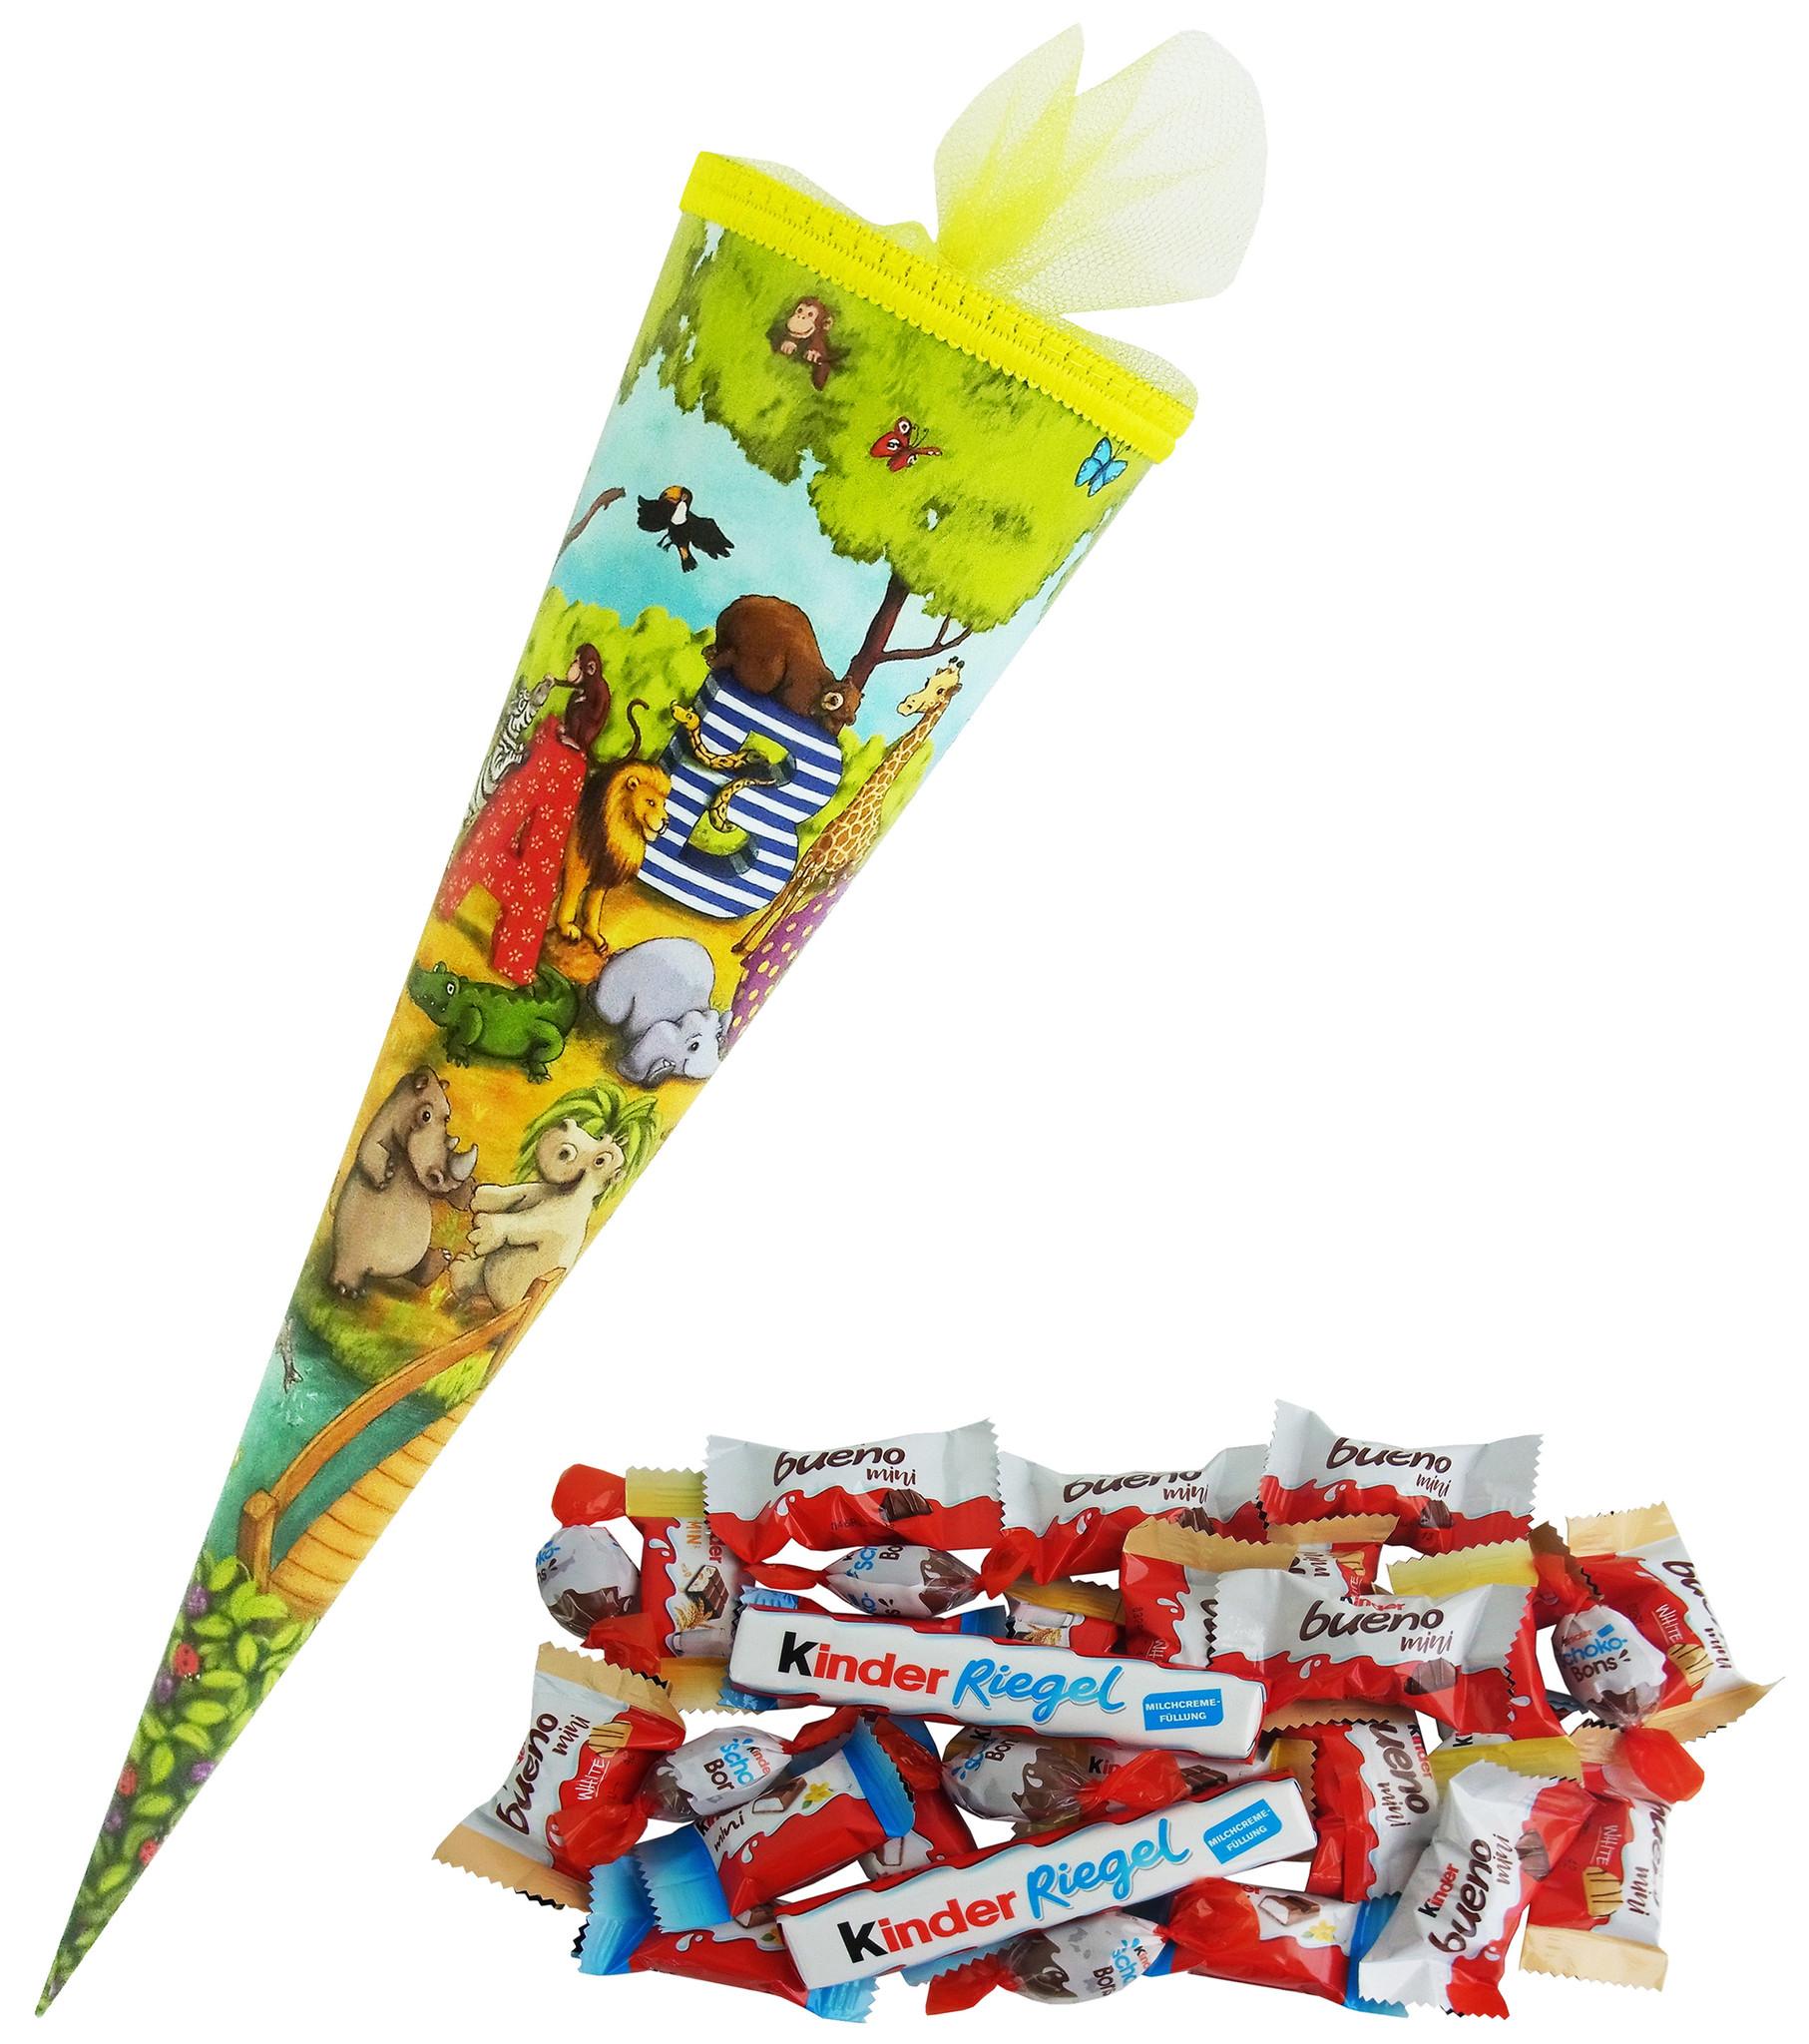 Schultüte Fabelhafte Tierwelt Design 35cm gefüllt mit Ferrero Kinder Spezialitäten, Schulanfang Geschenk mit 204g